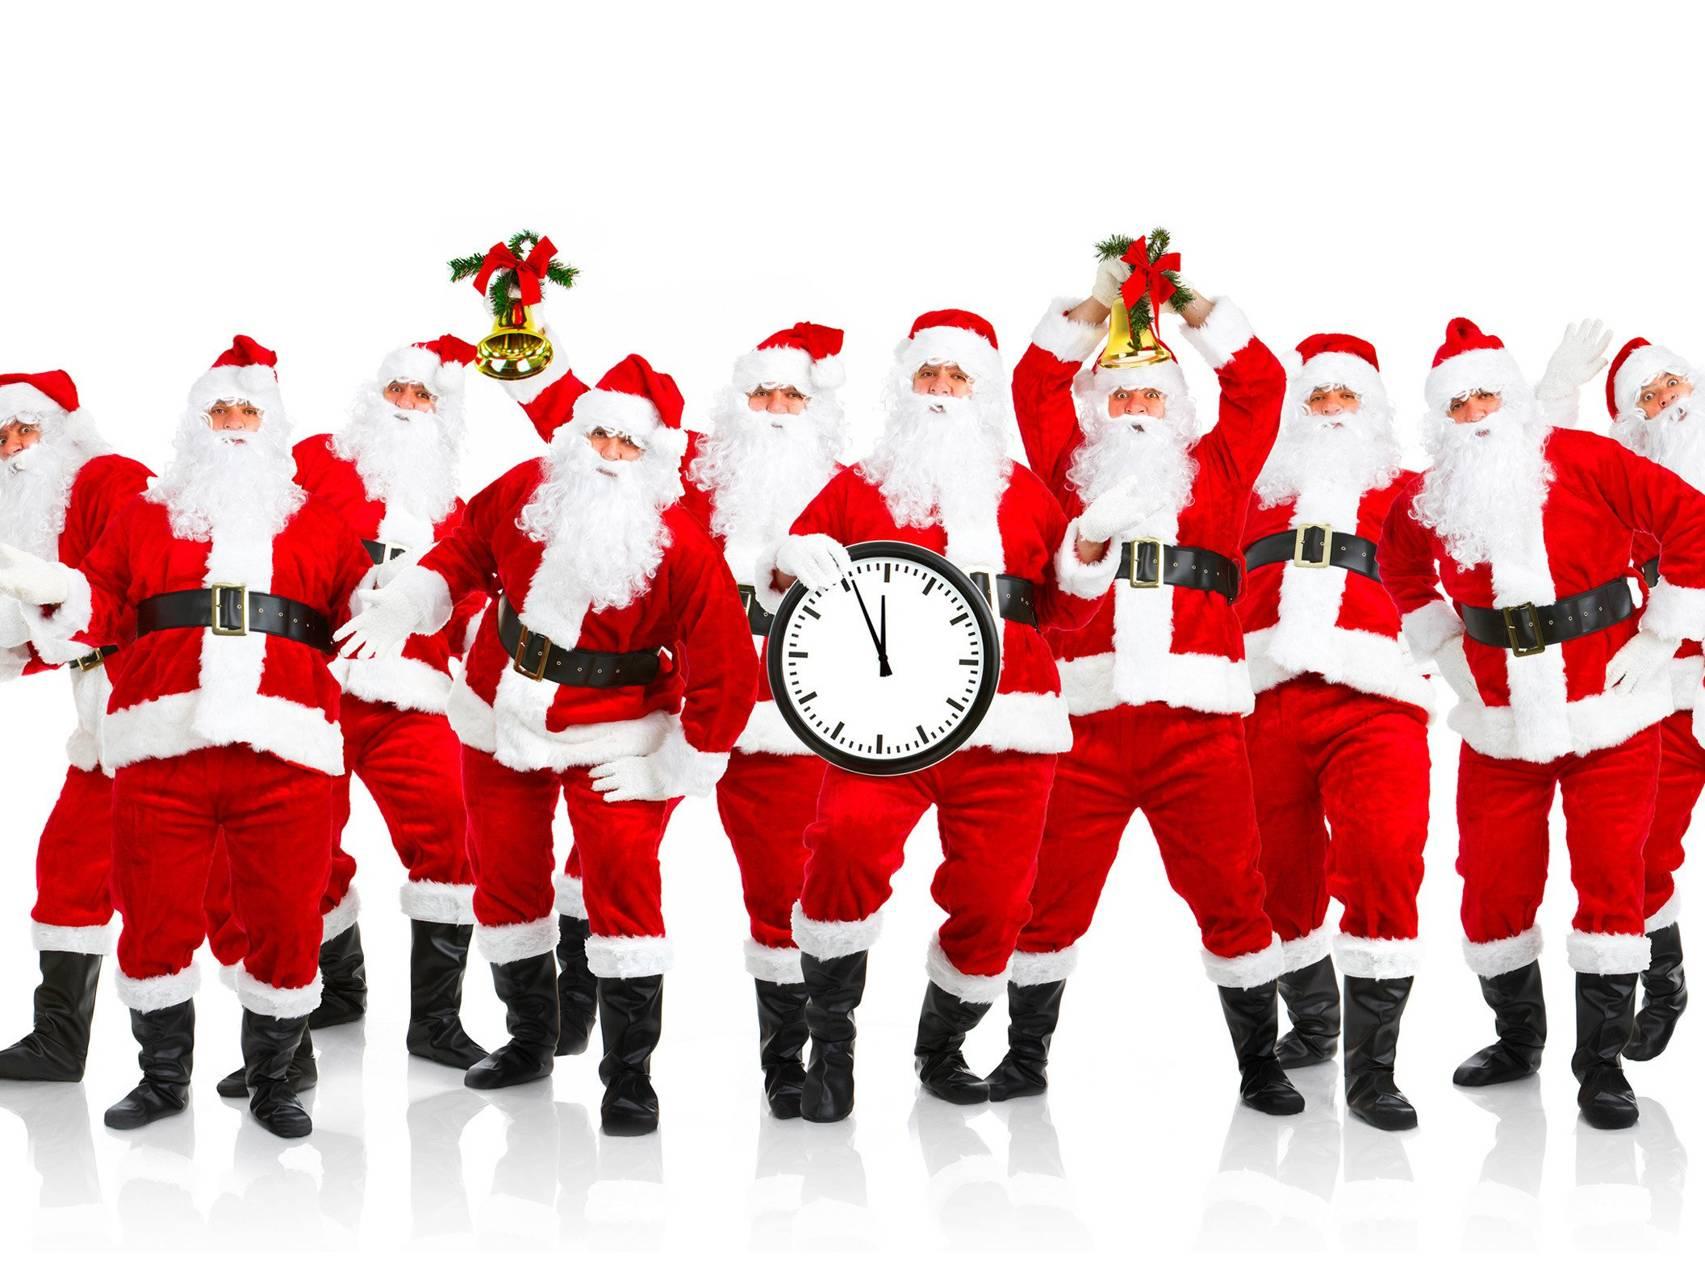 Pack Of Santas